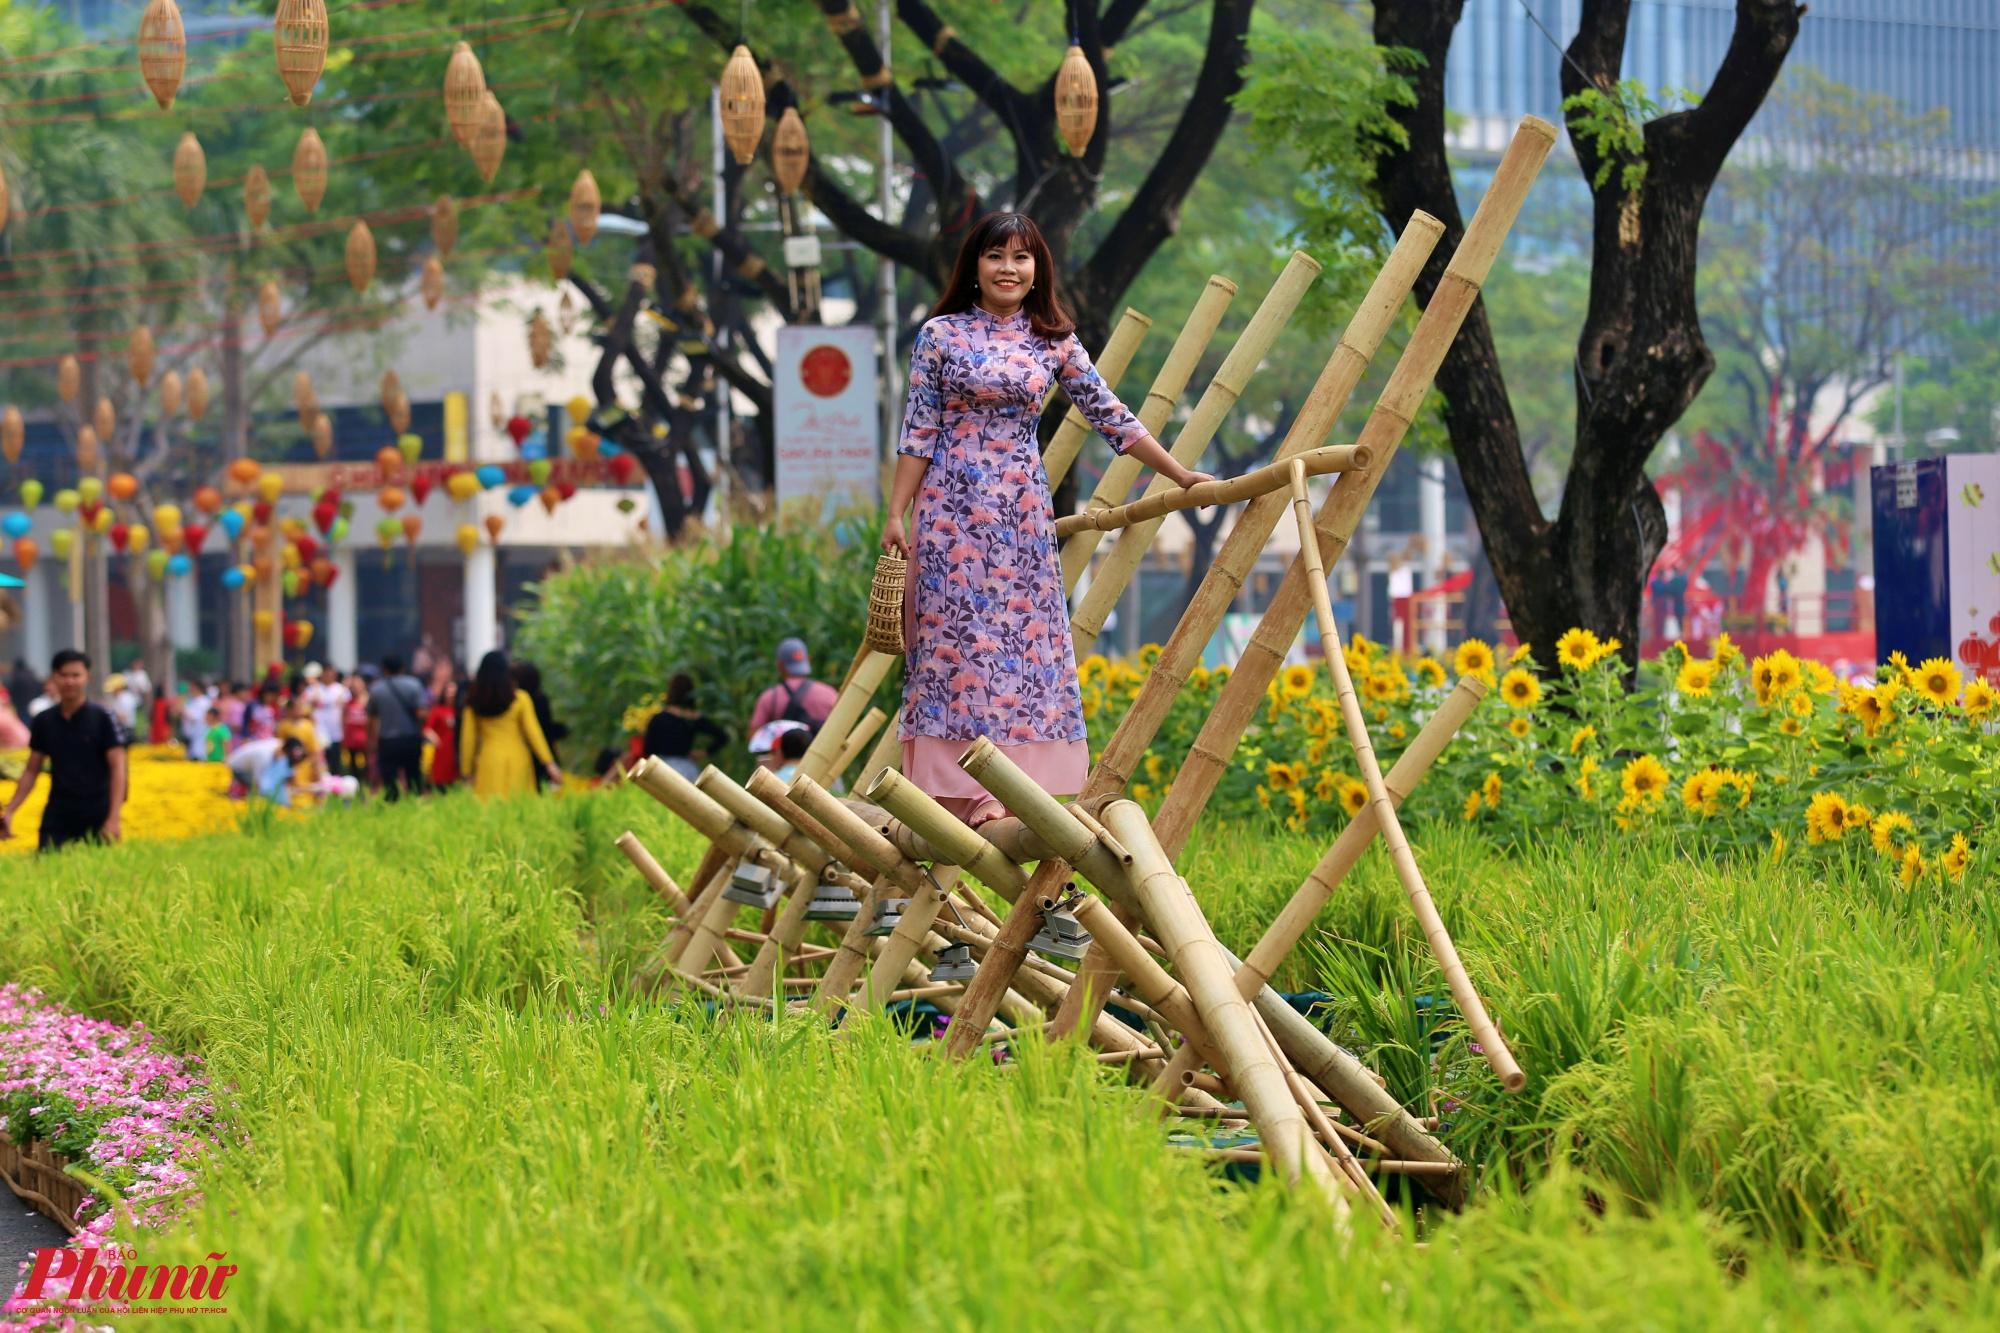 Lộc – với hiện thân là lúa, được xem như hạt ngọc của trời, gắn liền với cuộc sống của người Việt, tượng trưng cho sự no ấm, đủ đầy. Mùa xuân cũng thường là mùa gặt, đưa lúa về nhà cũng là rước lộc đầu xuân. Trên ý tưởng đó, cổng chính Hội hoa xuân Phú Mỹ Hưng năm nay được cách điệu từ những bông lúa khổng lồ, trĩu hạt.